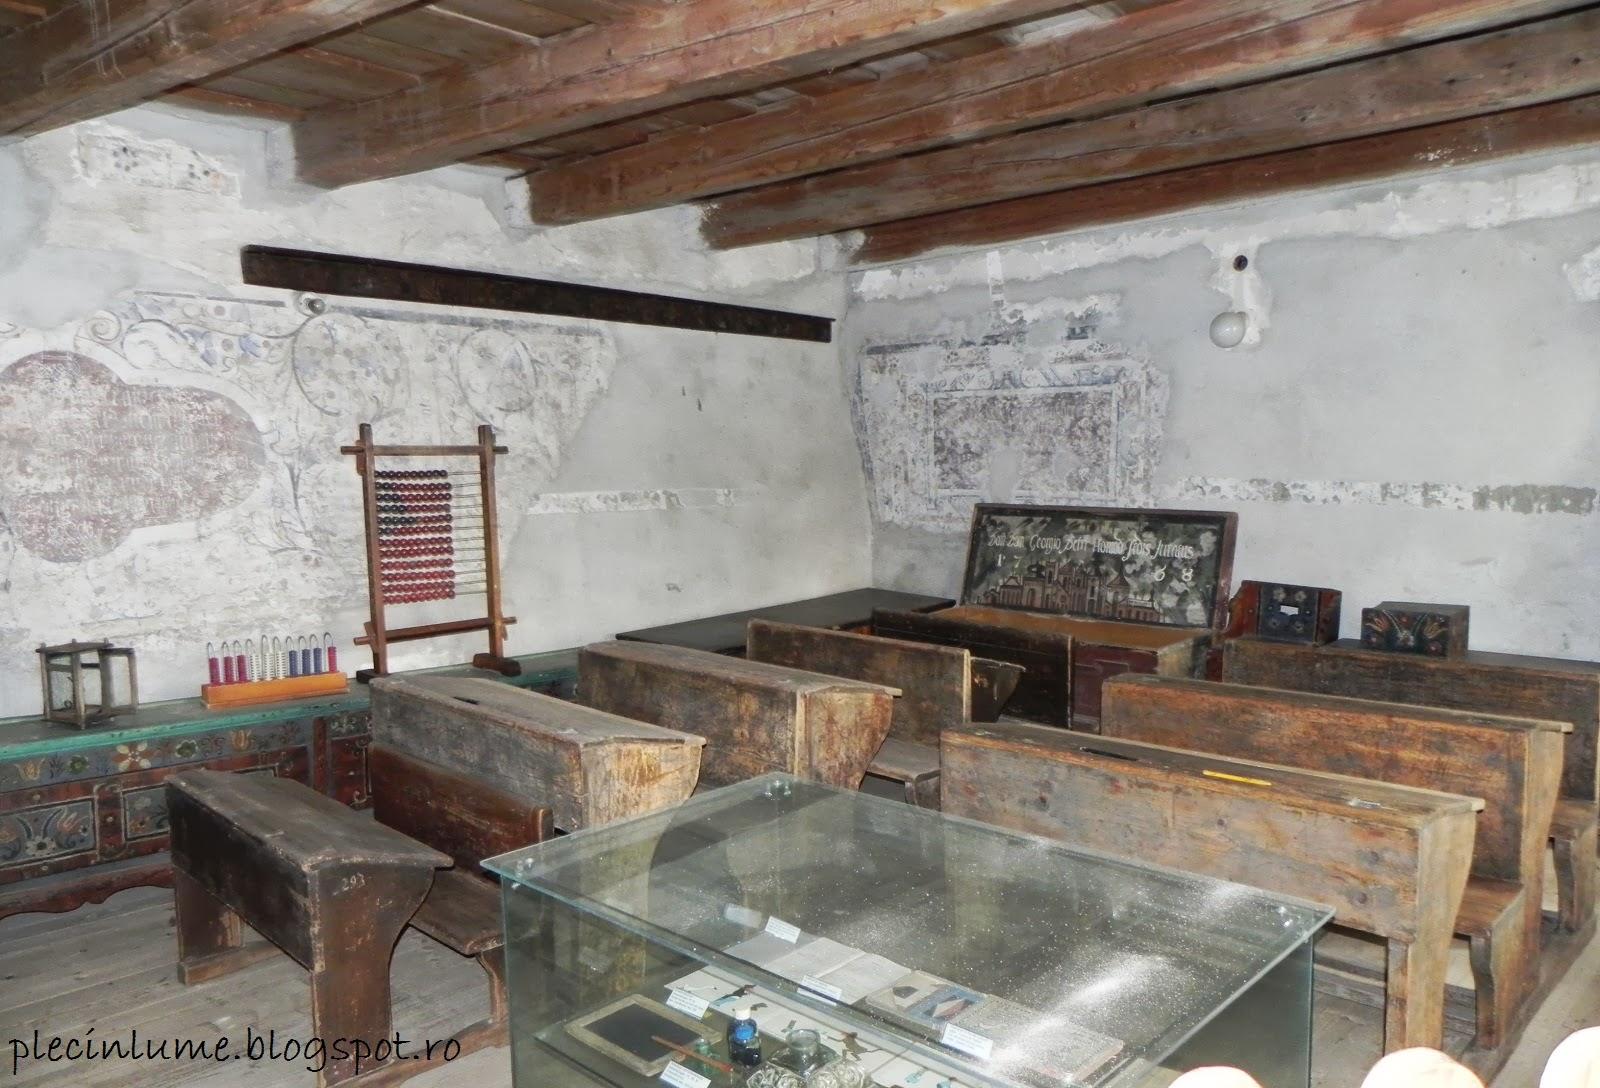 Scoala veche din Prejmer